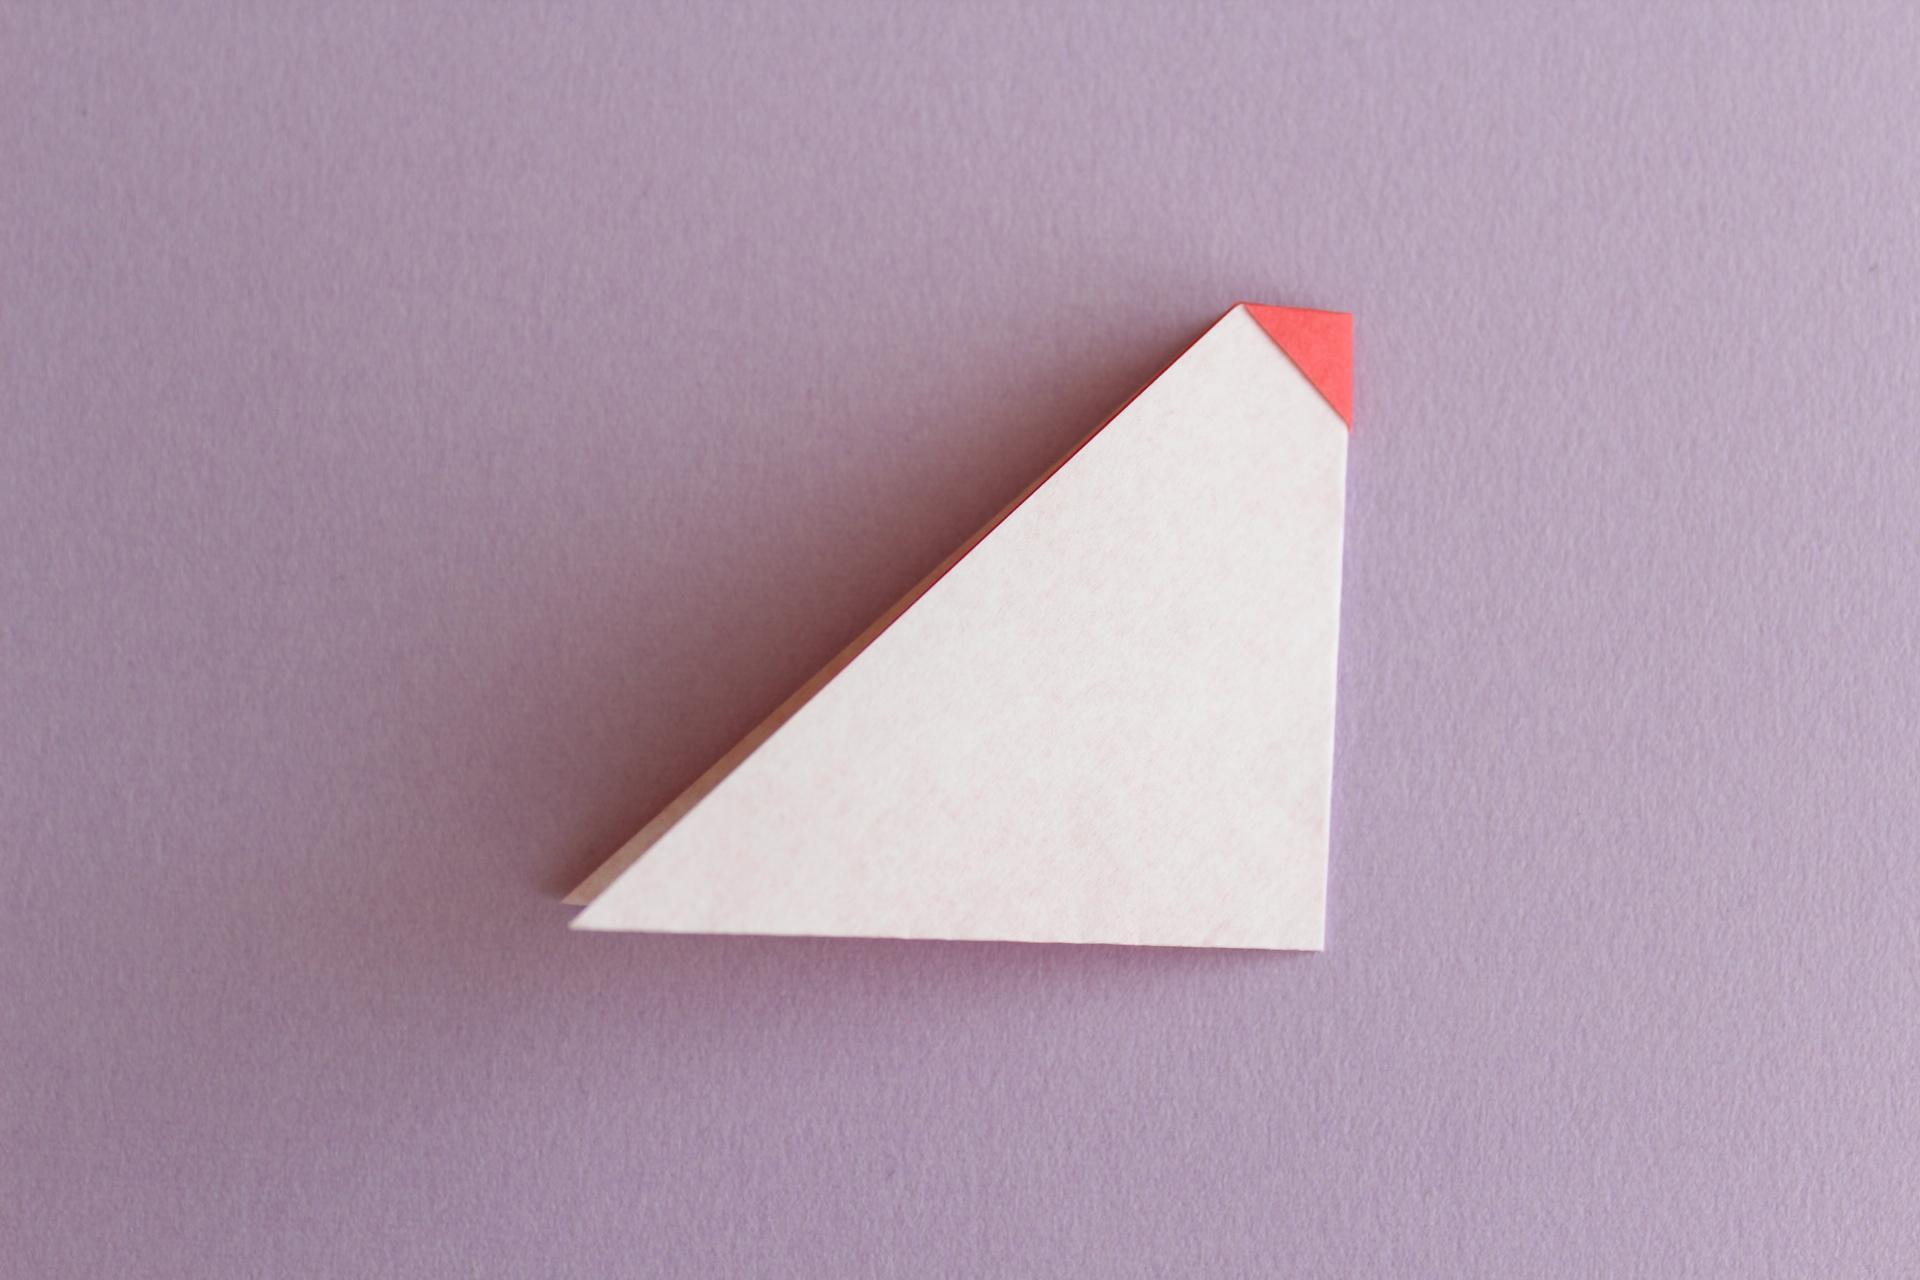 酉の折り方4